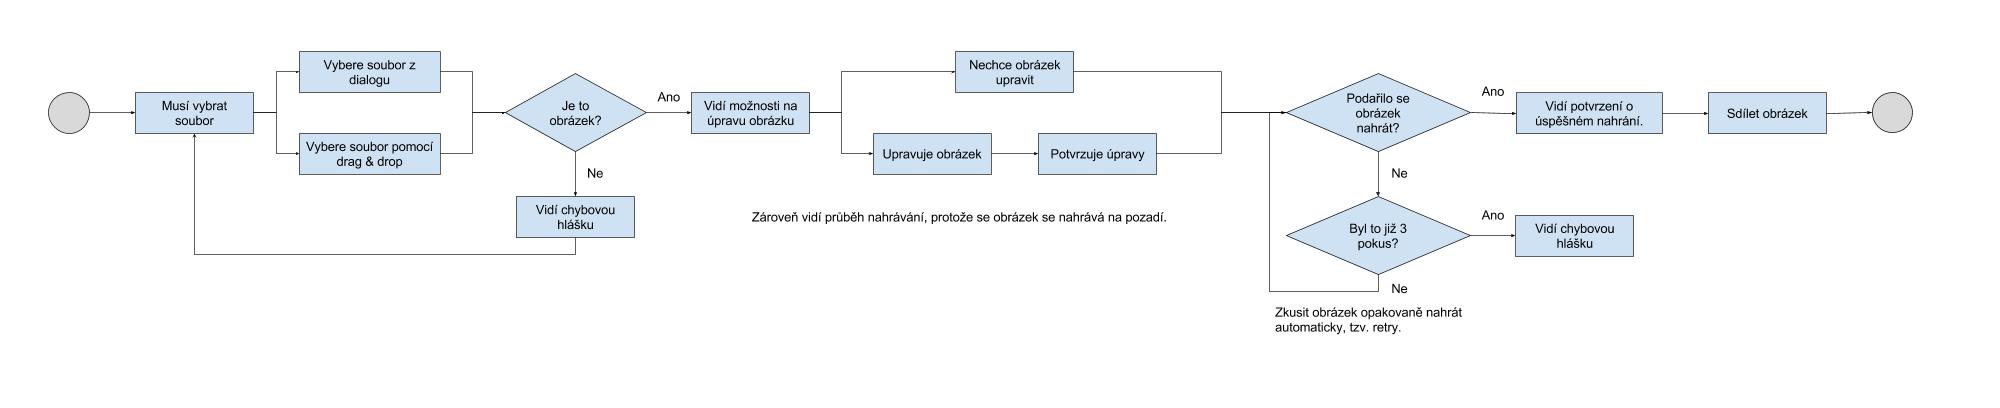 Příklad uceleného flow pro nahrávání obrázků na web.